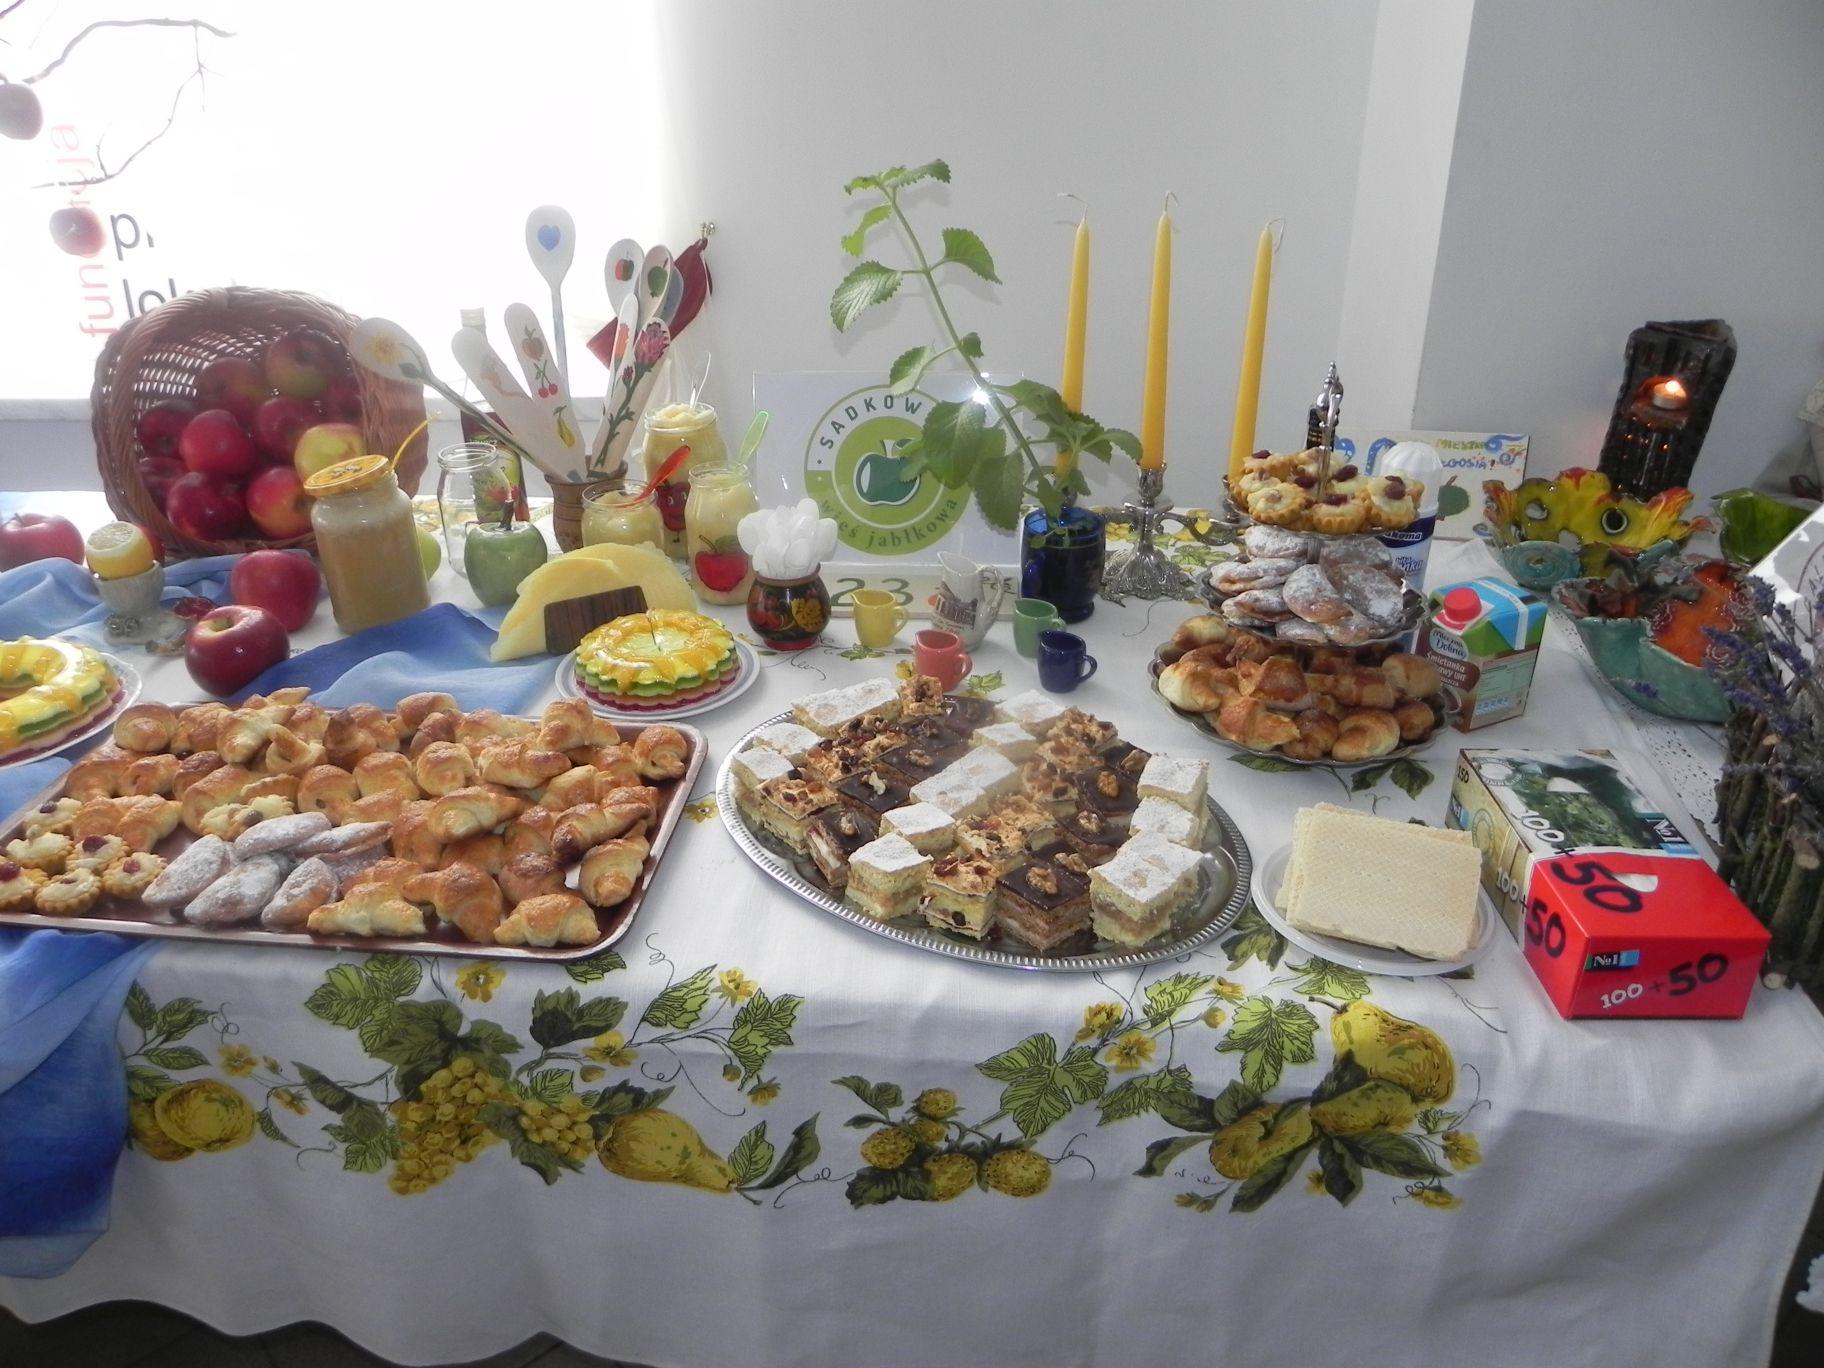 2012-12-14 Wilkowice - Konferencja Wioski tematyczne (66)